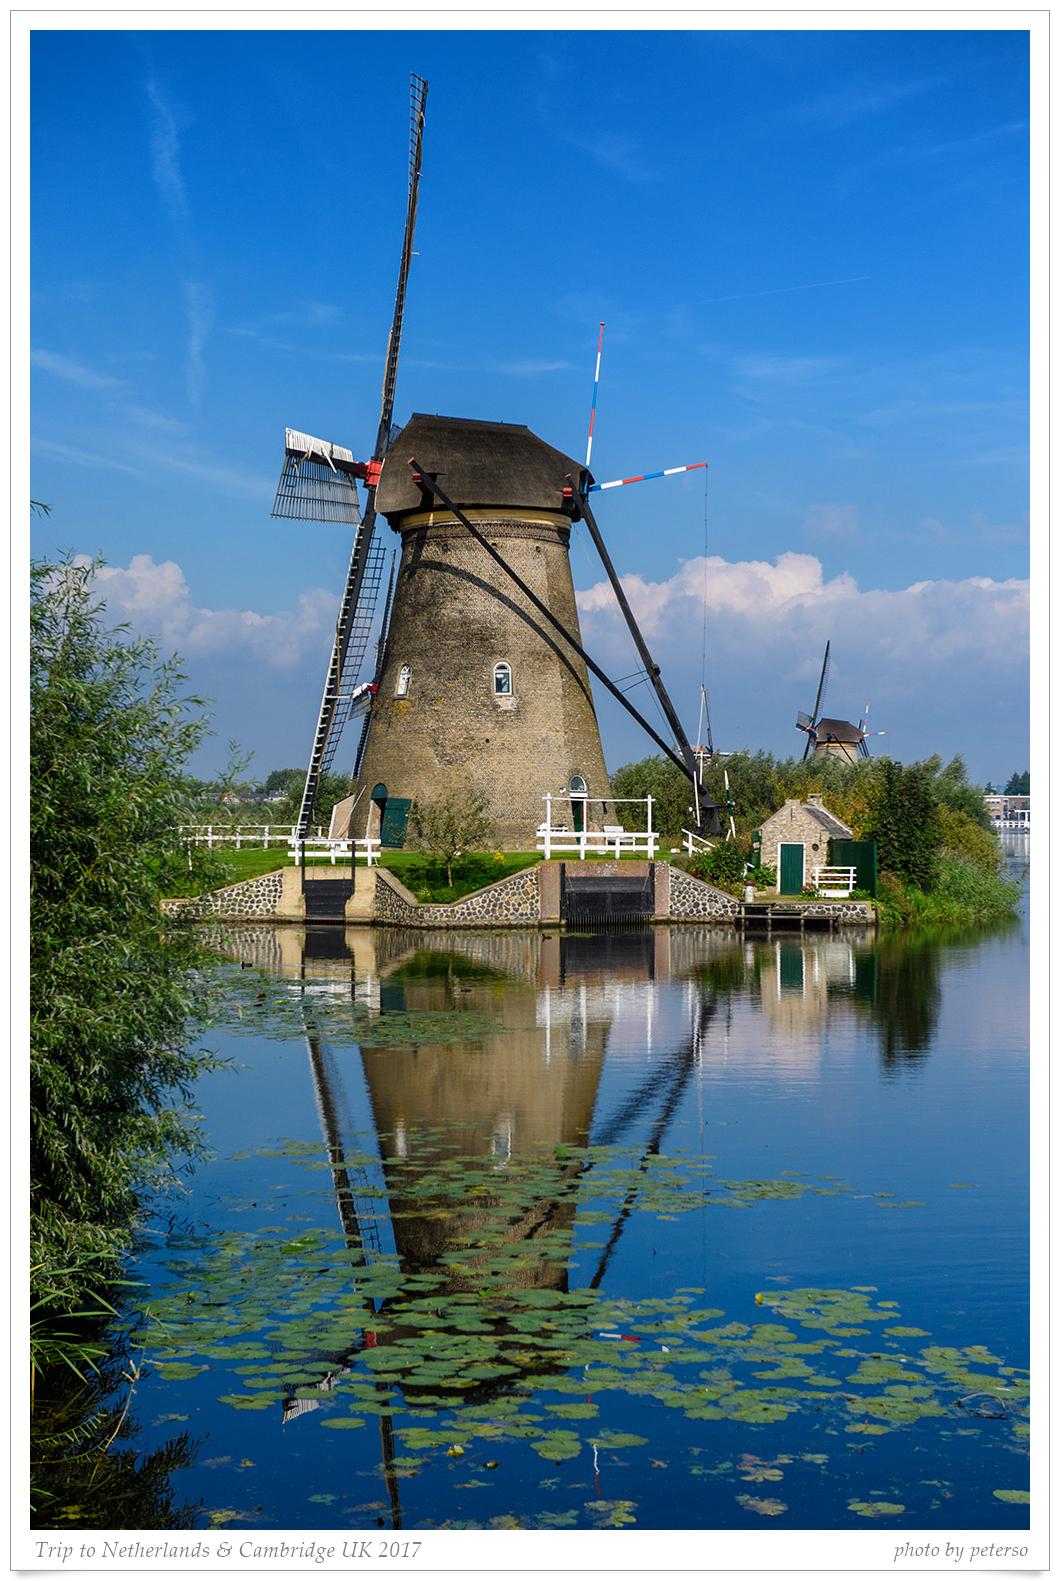 https://photos.smugmug.com/Travel/Trip-to-Netherlands-Cambridge-UK/i-C2ZRW6b/0/943d66f3/O/61f.jpg